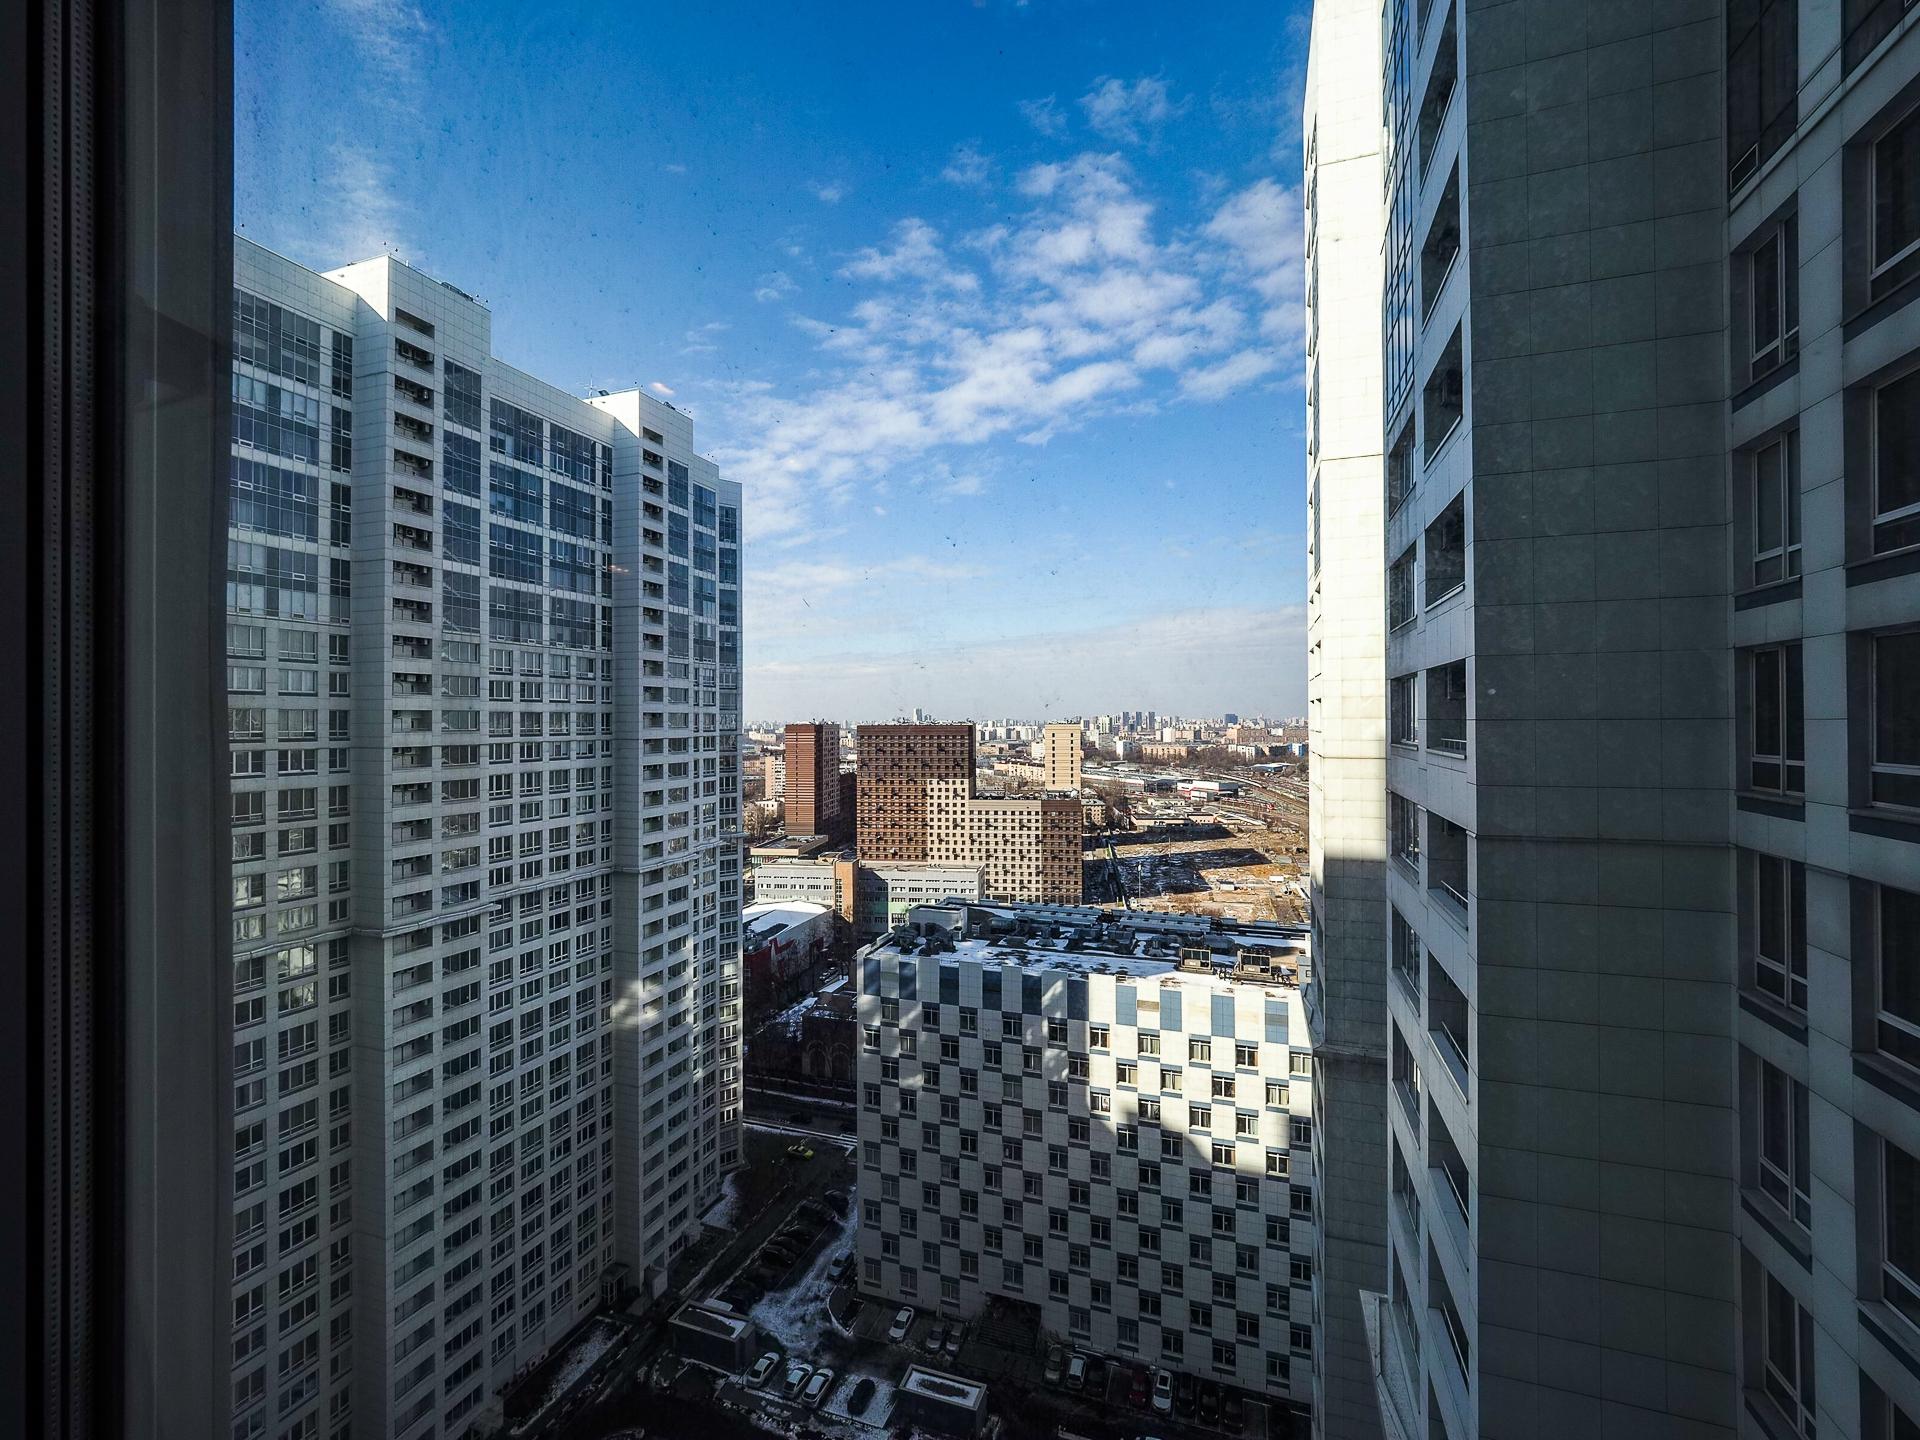 видовая квартира 22 этаж 100 Кв м 10